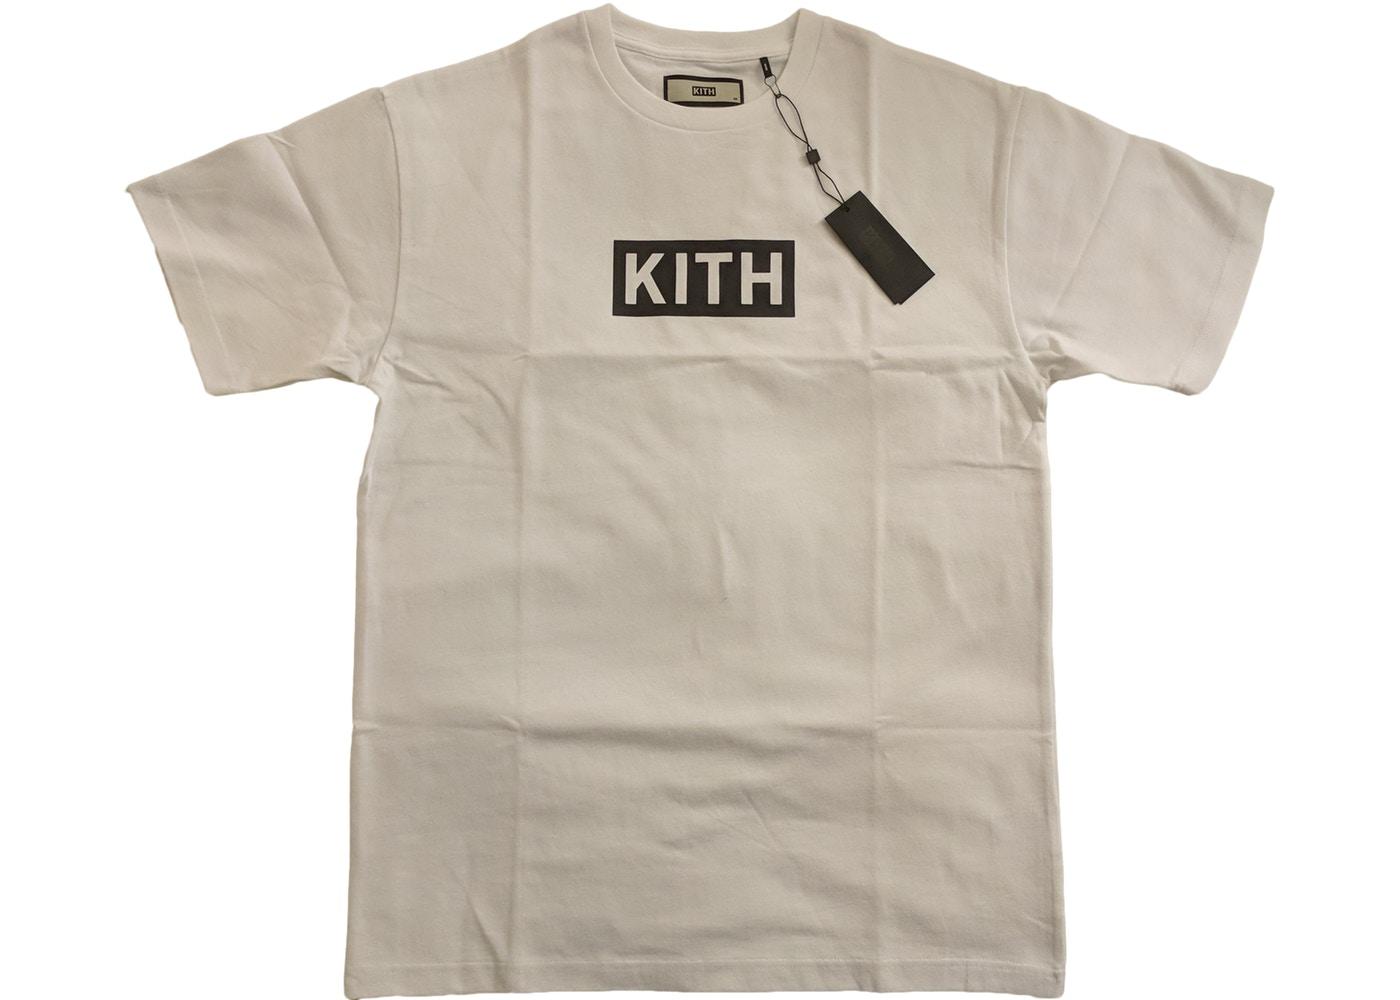 Kith Classic Logo Tee White/Black.